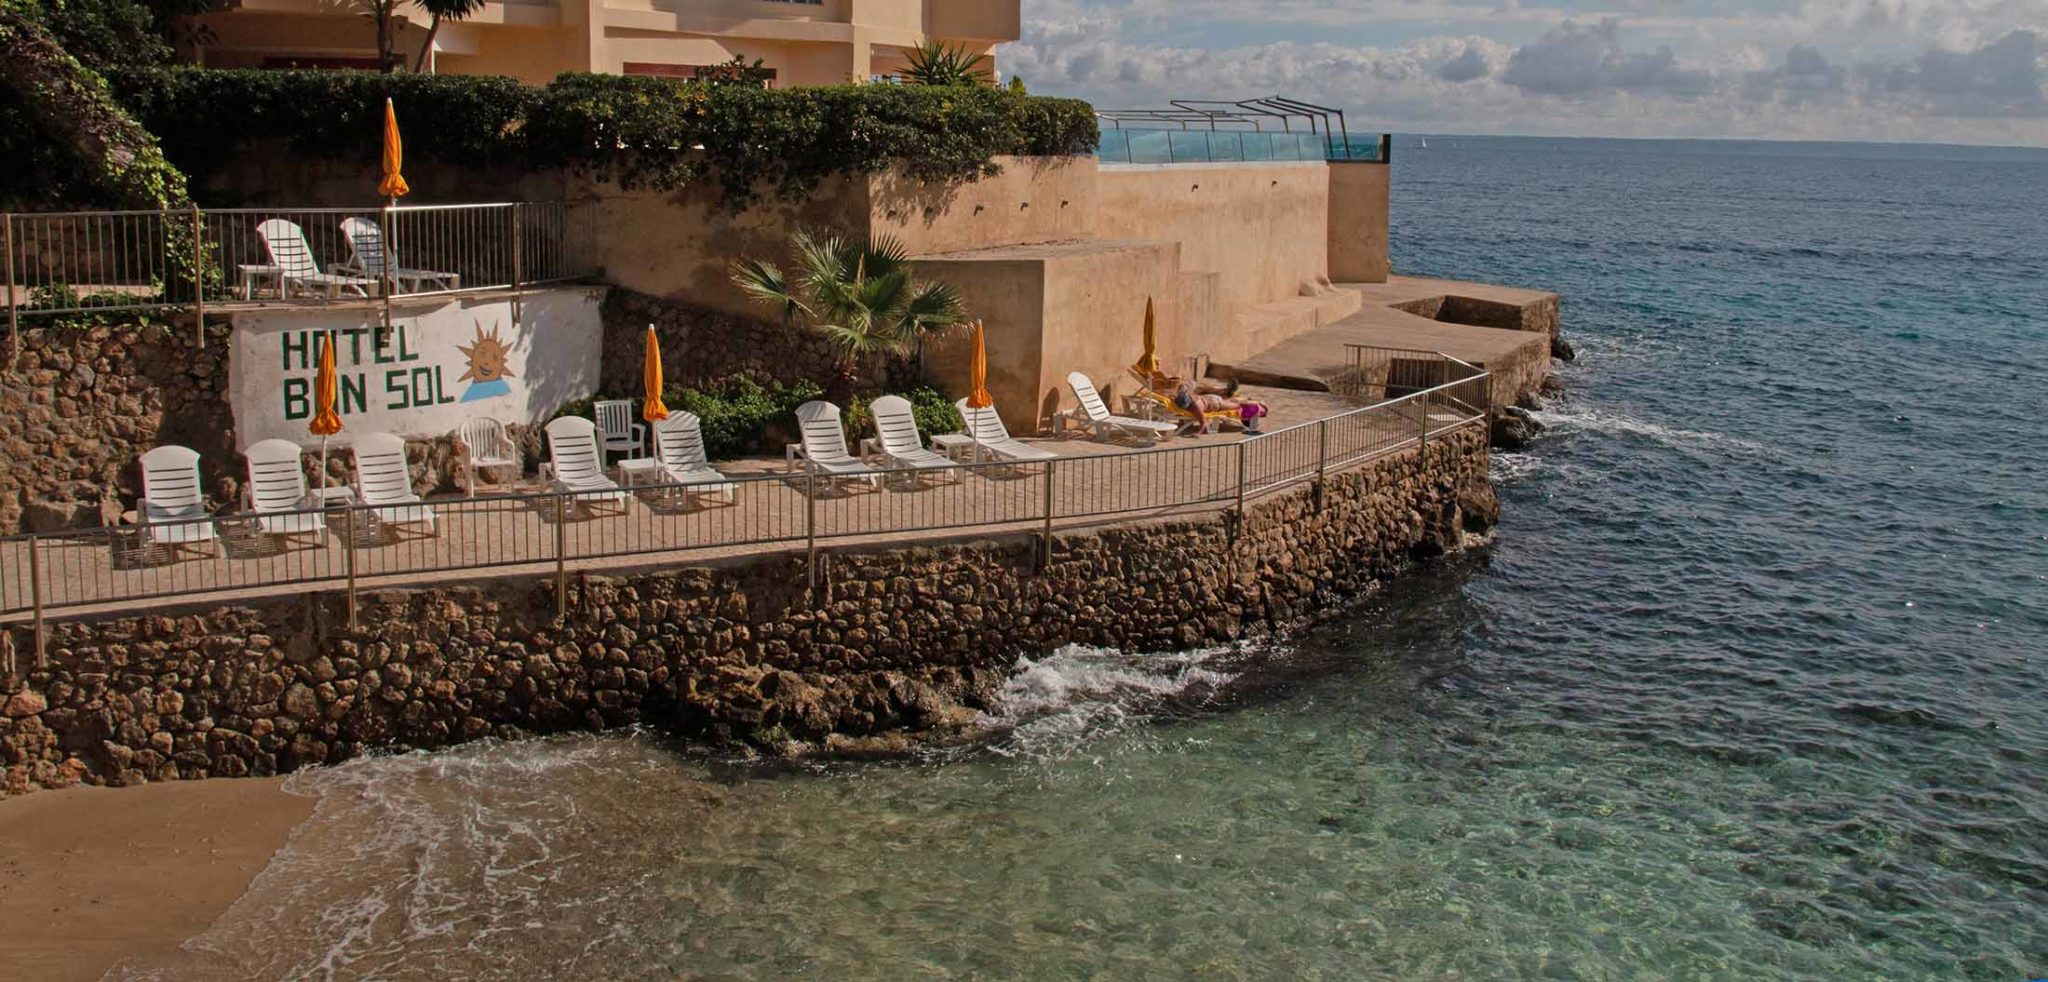 Das Bonsol besitzt einen direkten Zugang zum Mittelmeer / Foto: Ingo Paszkowsky